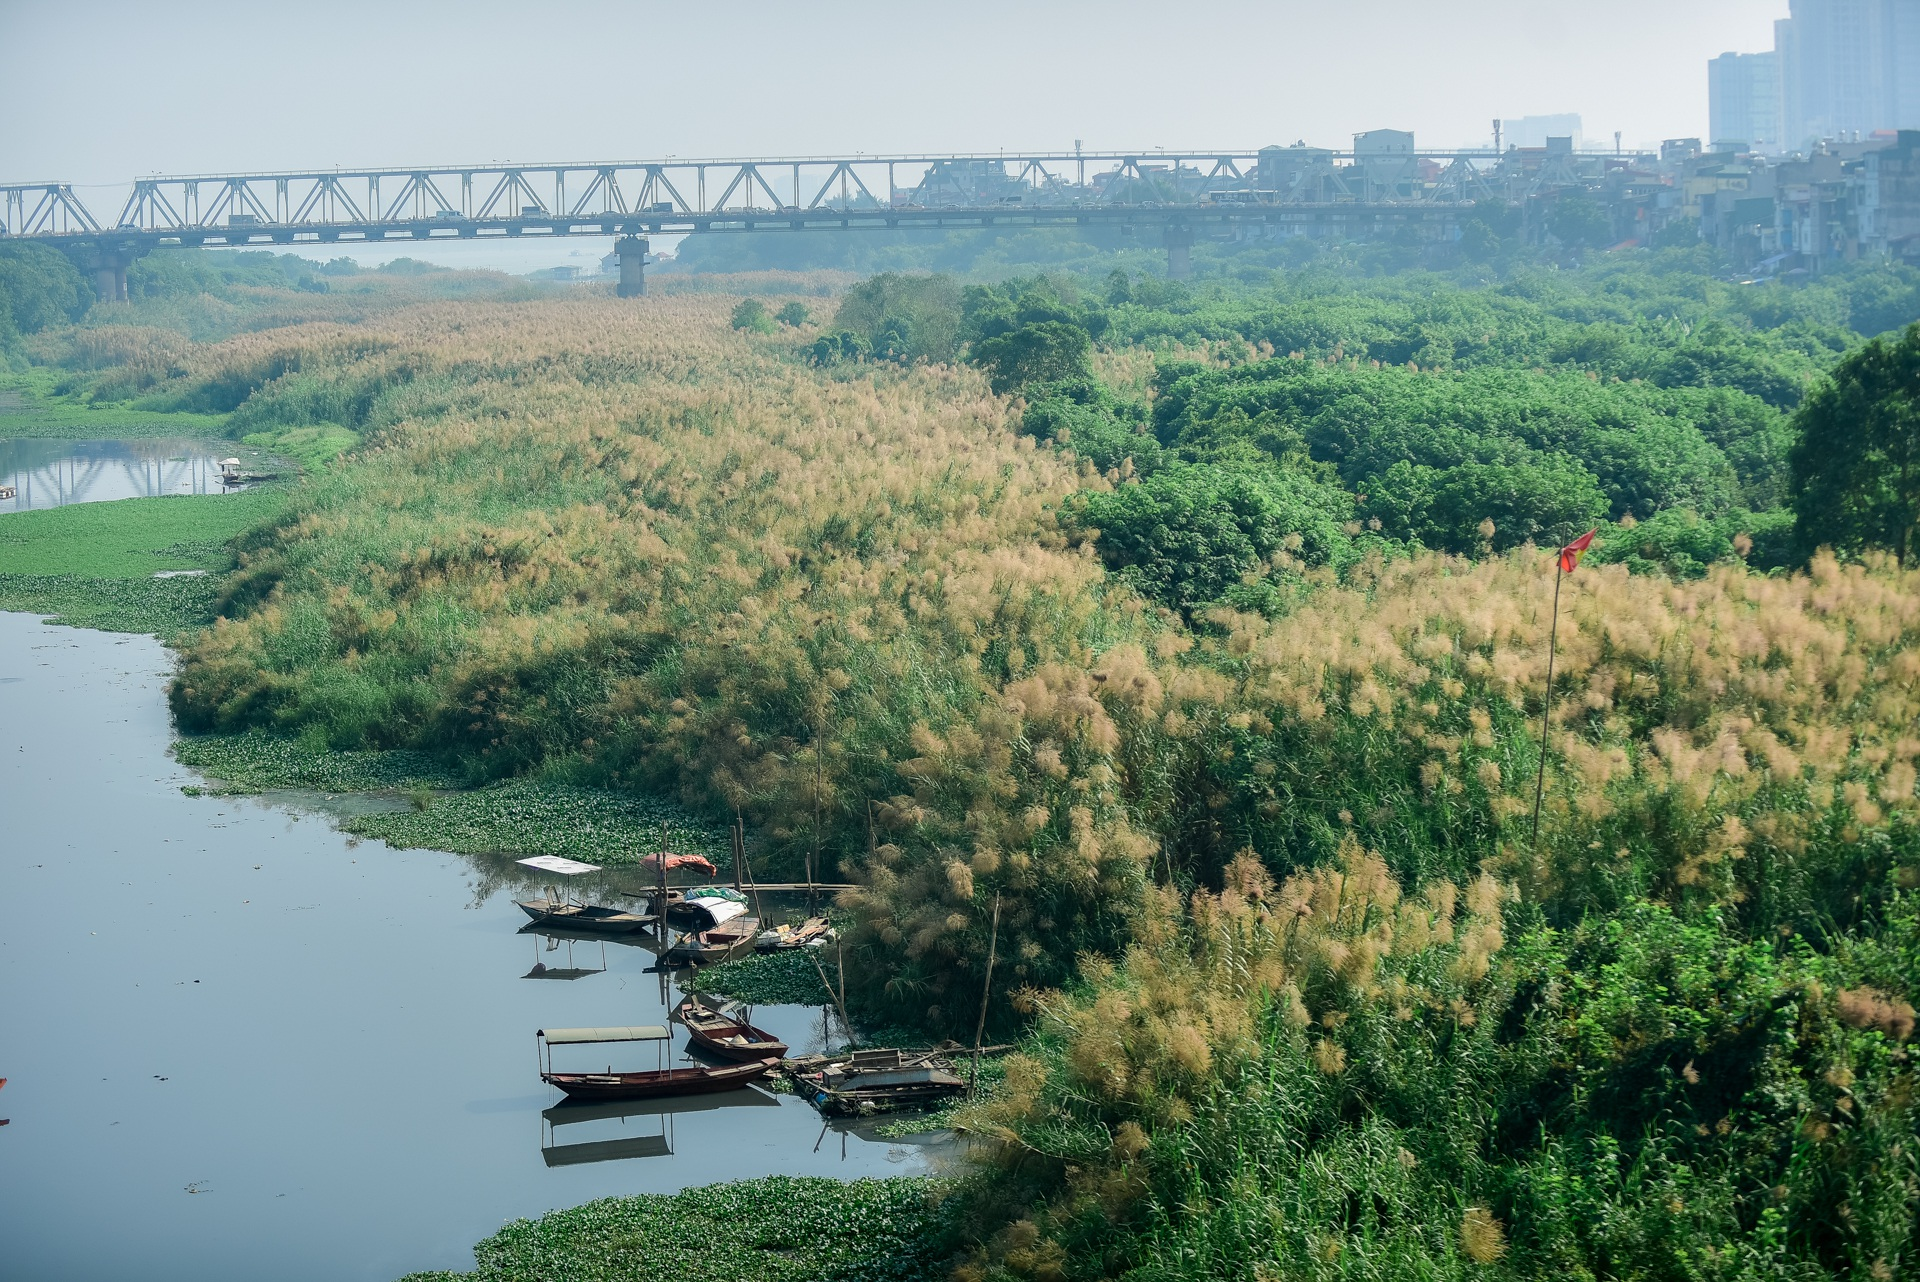 Lạc vào cánh đồng cỏ lau đẹp như xứ sở thần tiên dưới chân cầu Long Biên - 4